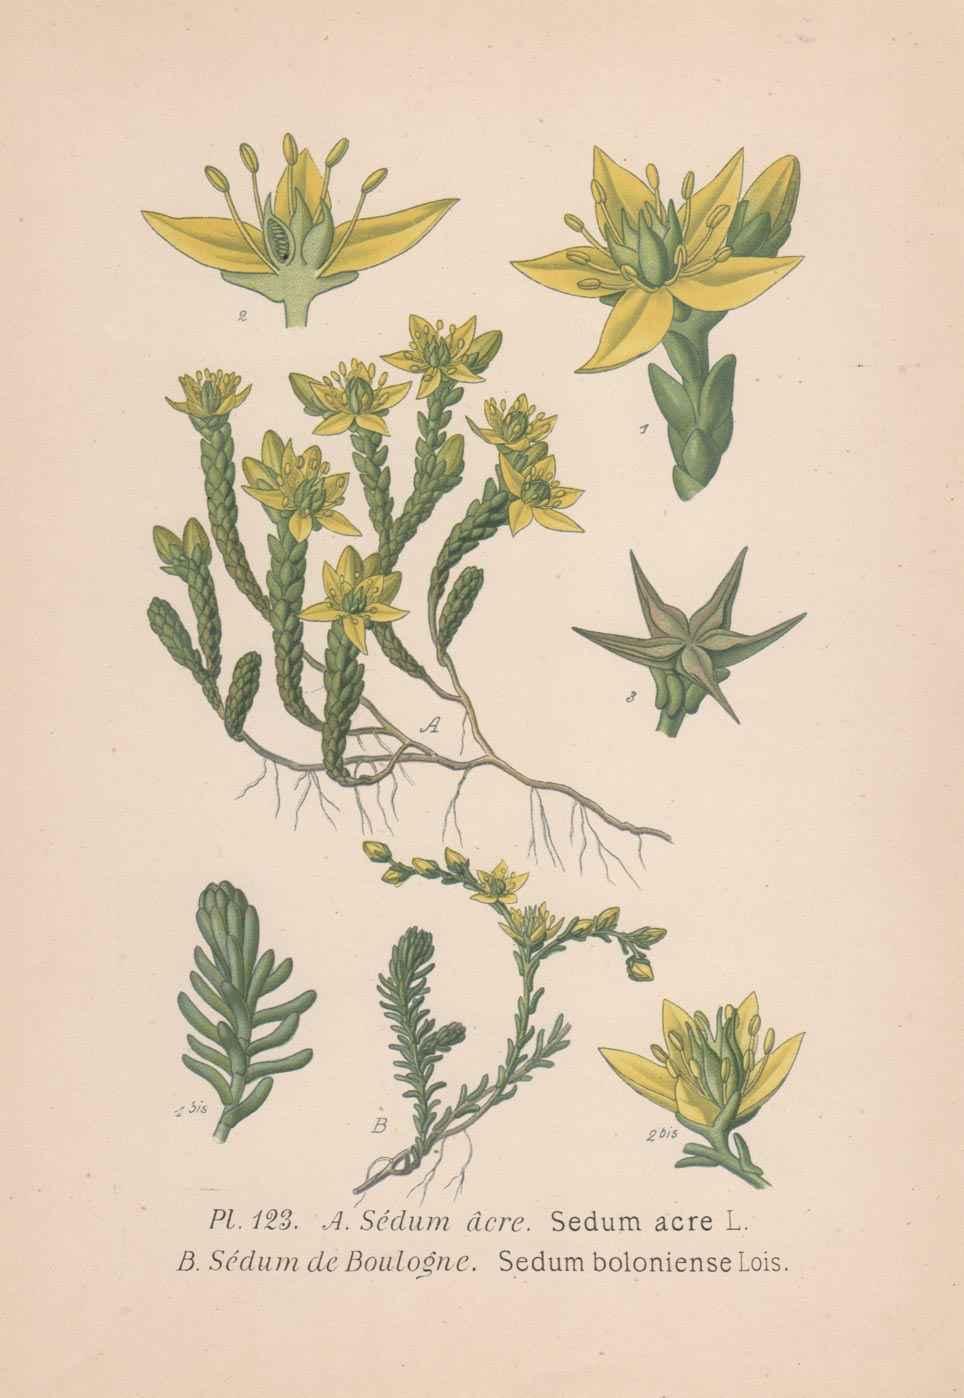 botanica cromolitografia 1893 - NO WATERMARK